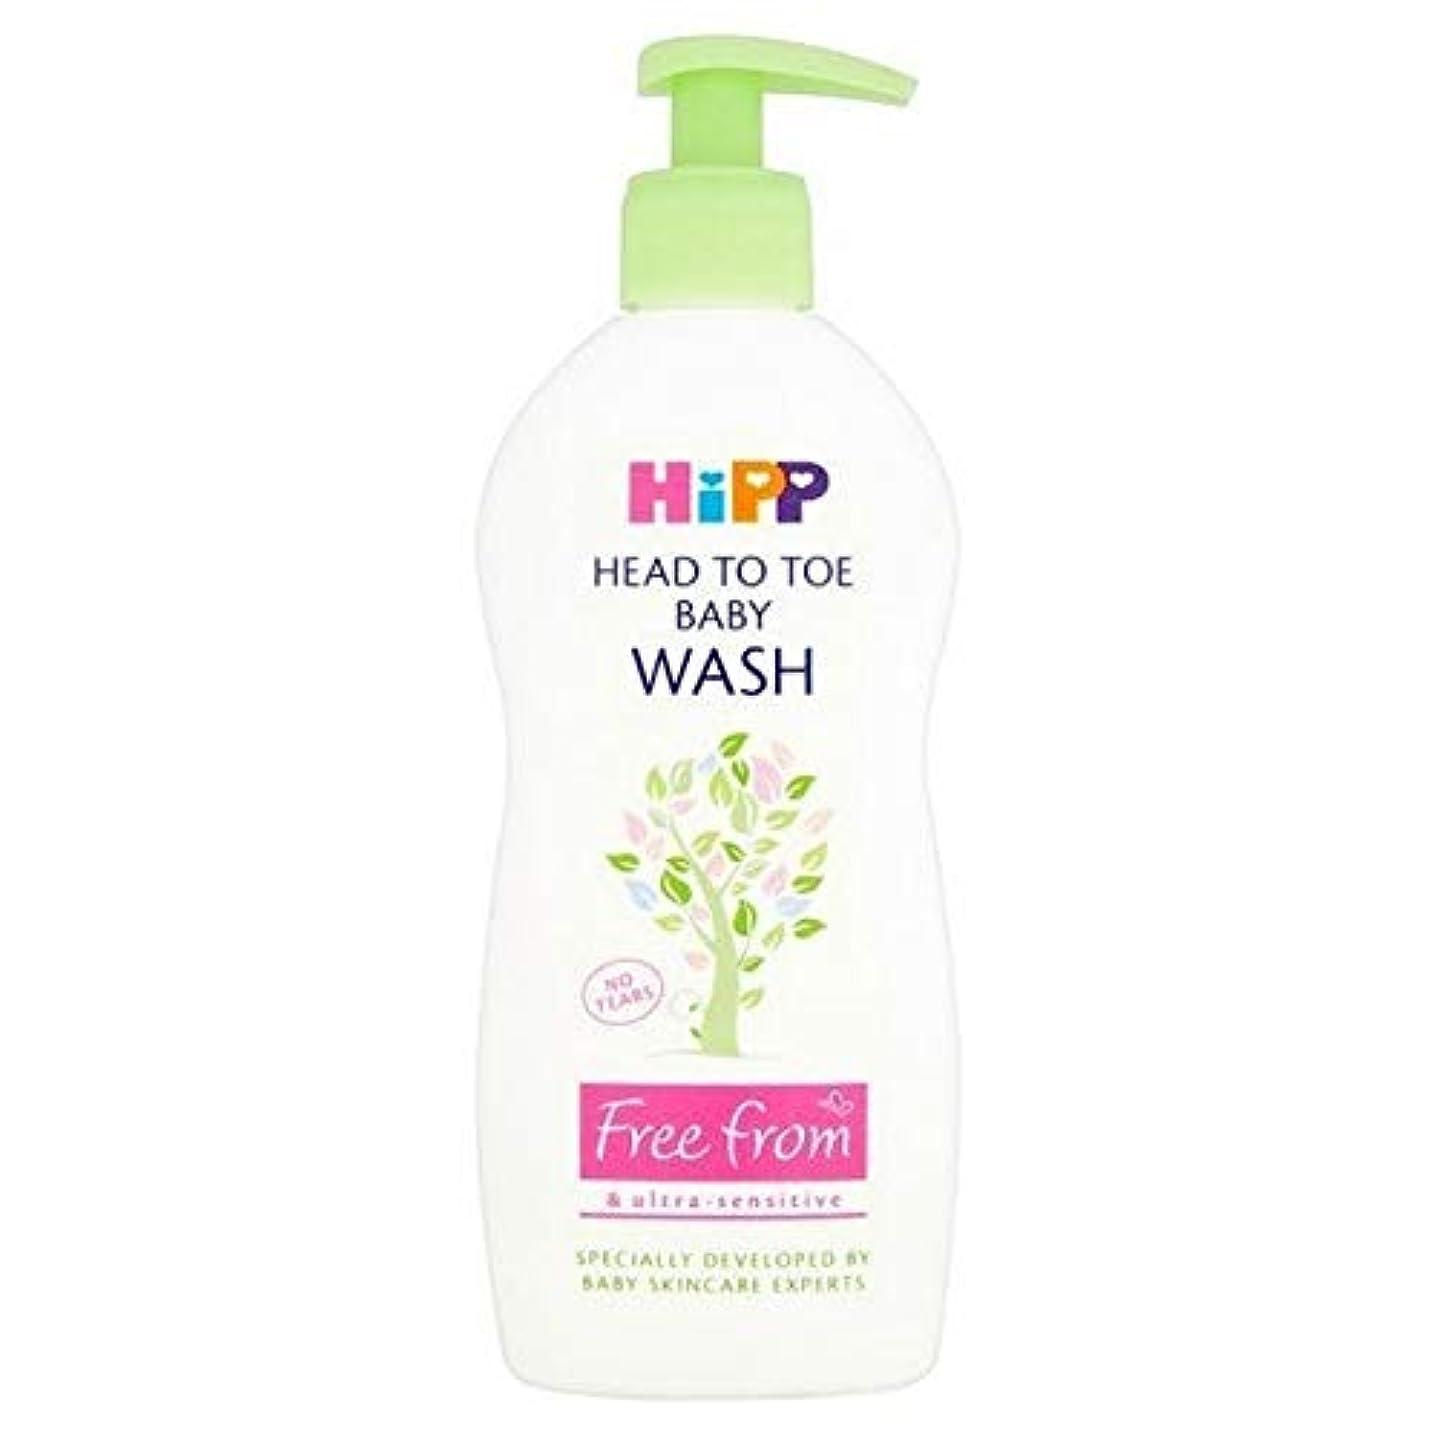 旋回流出ユーザー[Hipp ] 頭からつま先洗浄400ミリリットルにヒップ無料 - HiPP Free From Head to Toe Wash 400ml [並行輸入品]